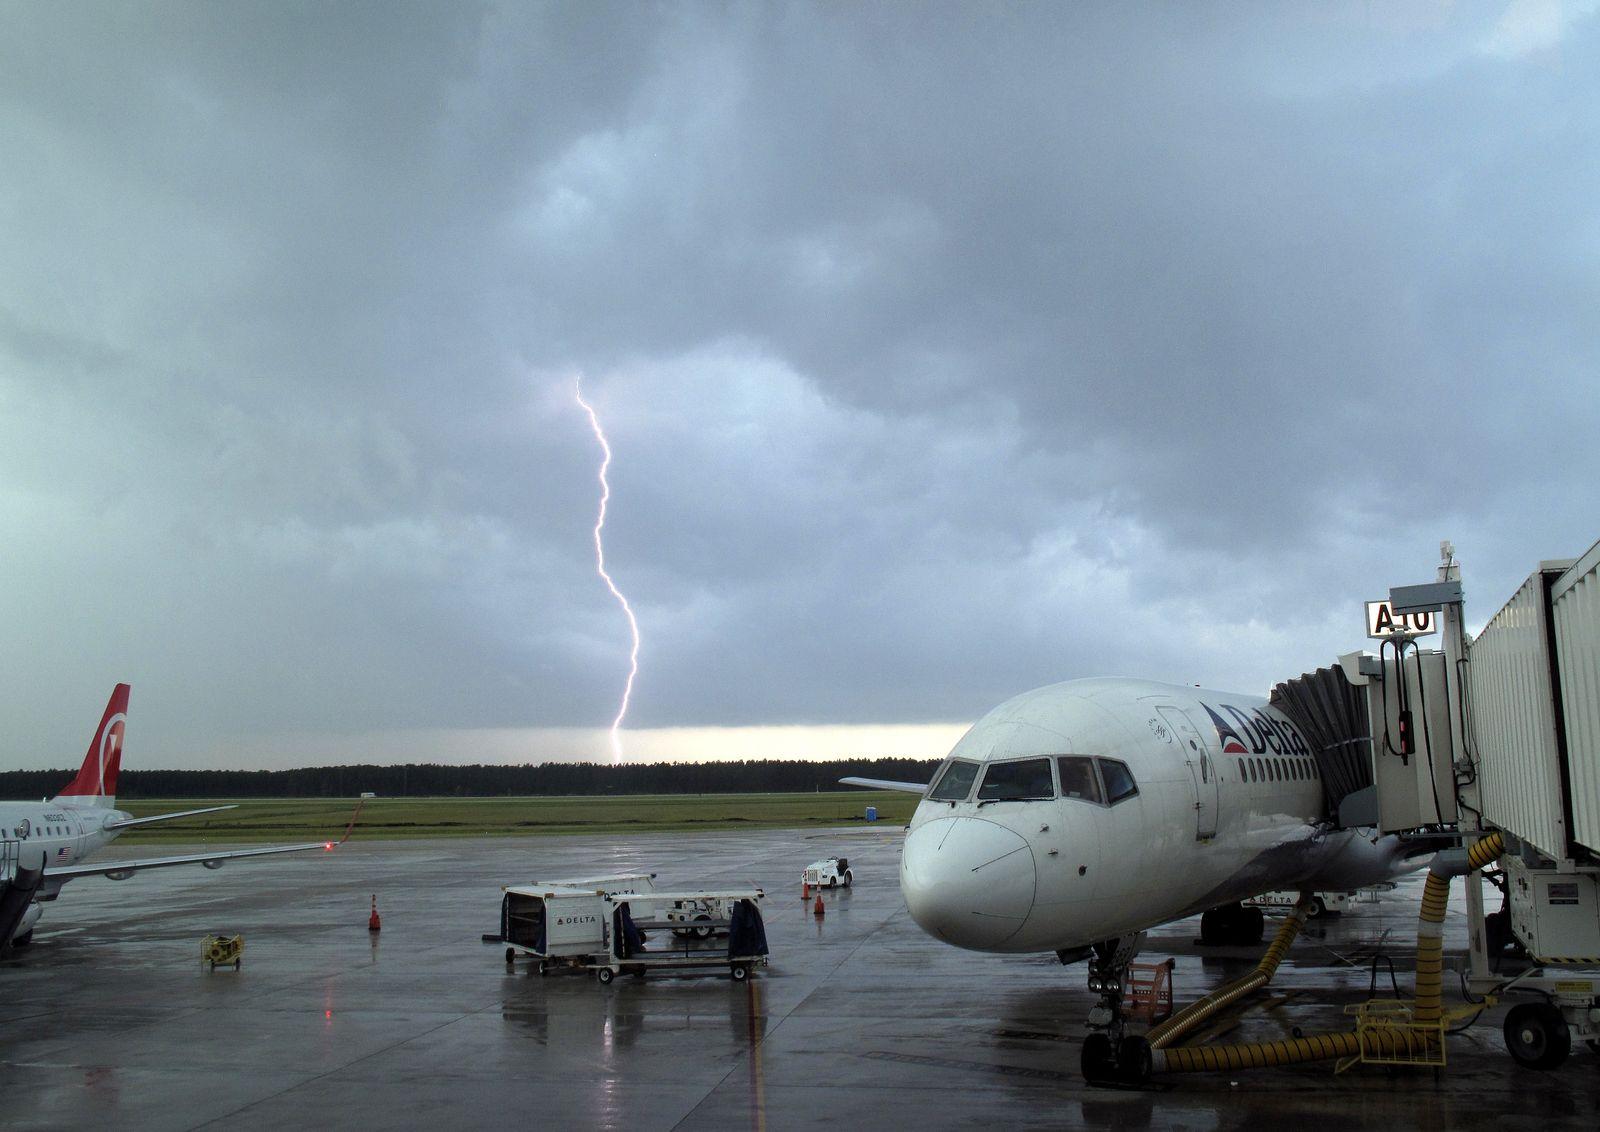 Flugzeug in Turbulenzen / Blitz